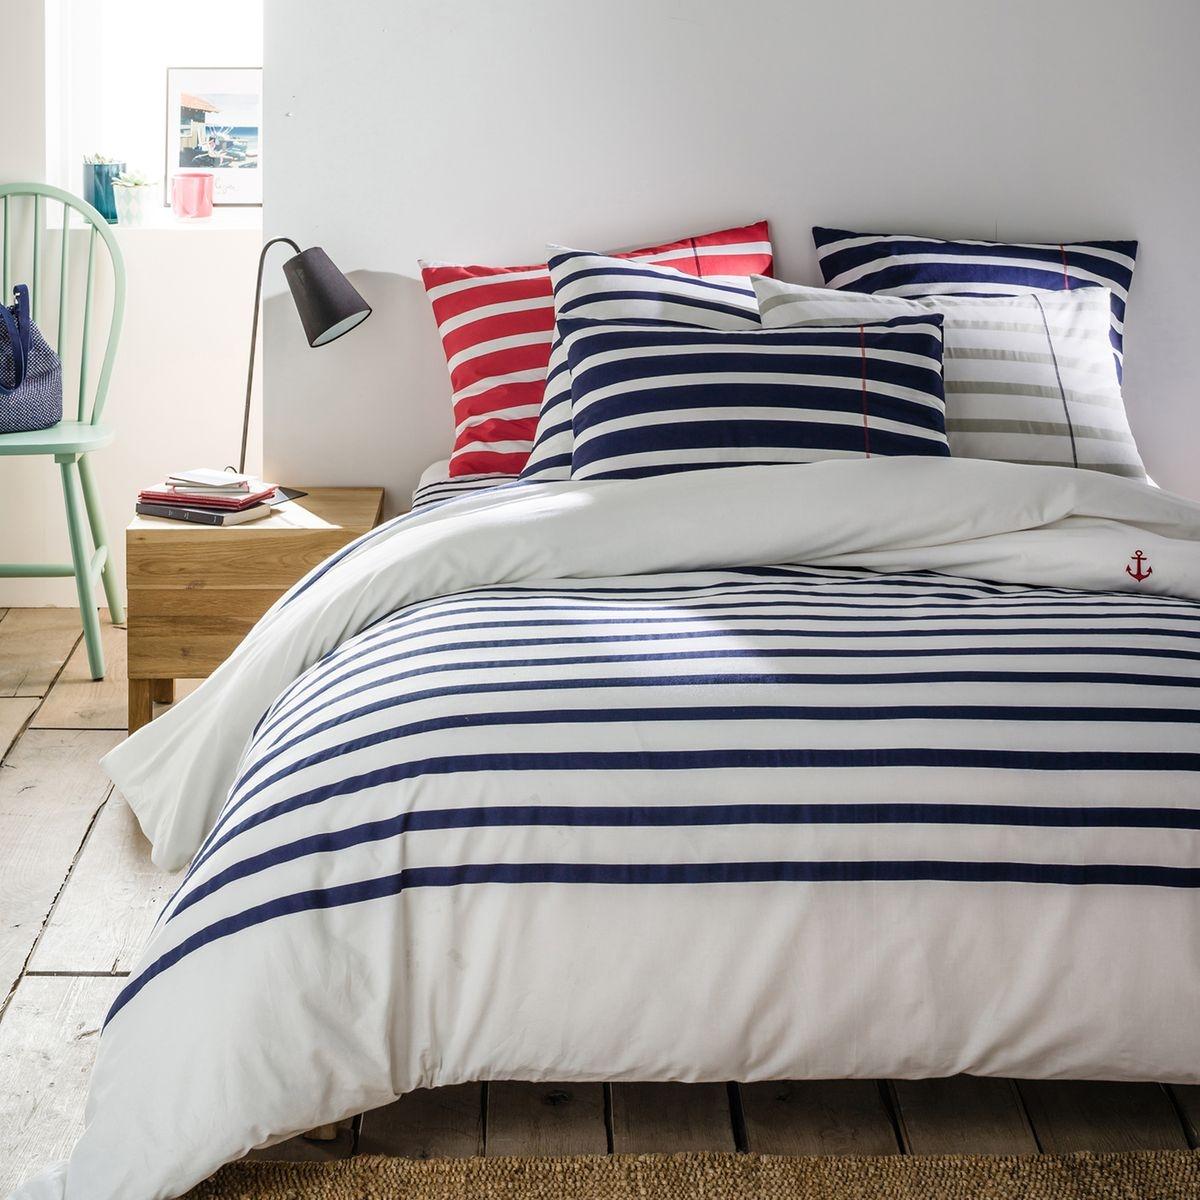 achat housse de couette linge de maison maison et. Black Bedroom Furniture Sets. Home Design Ideas